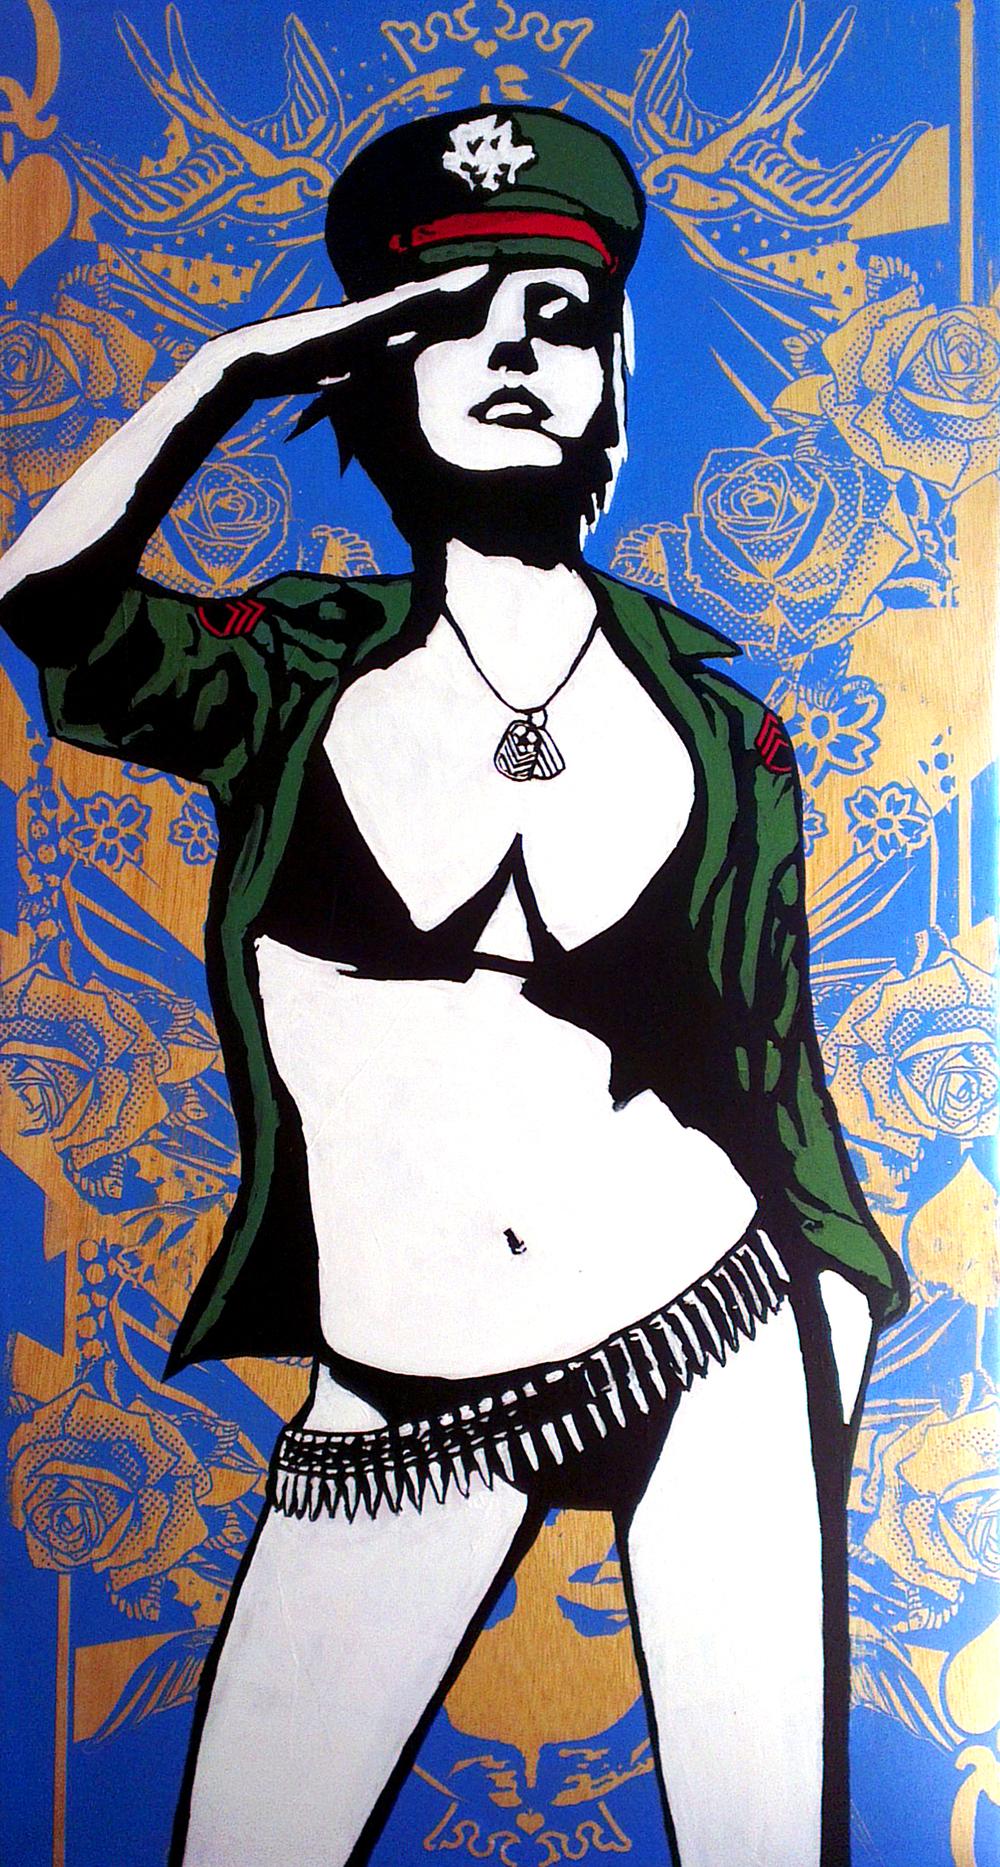 Untitled, Acrylic on Wood, 42 x 80cm, £650 045.jpg